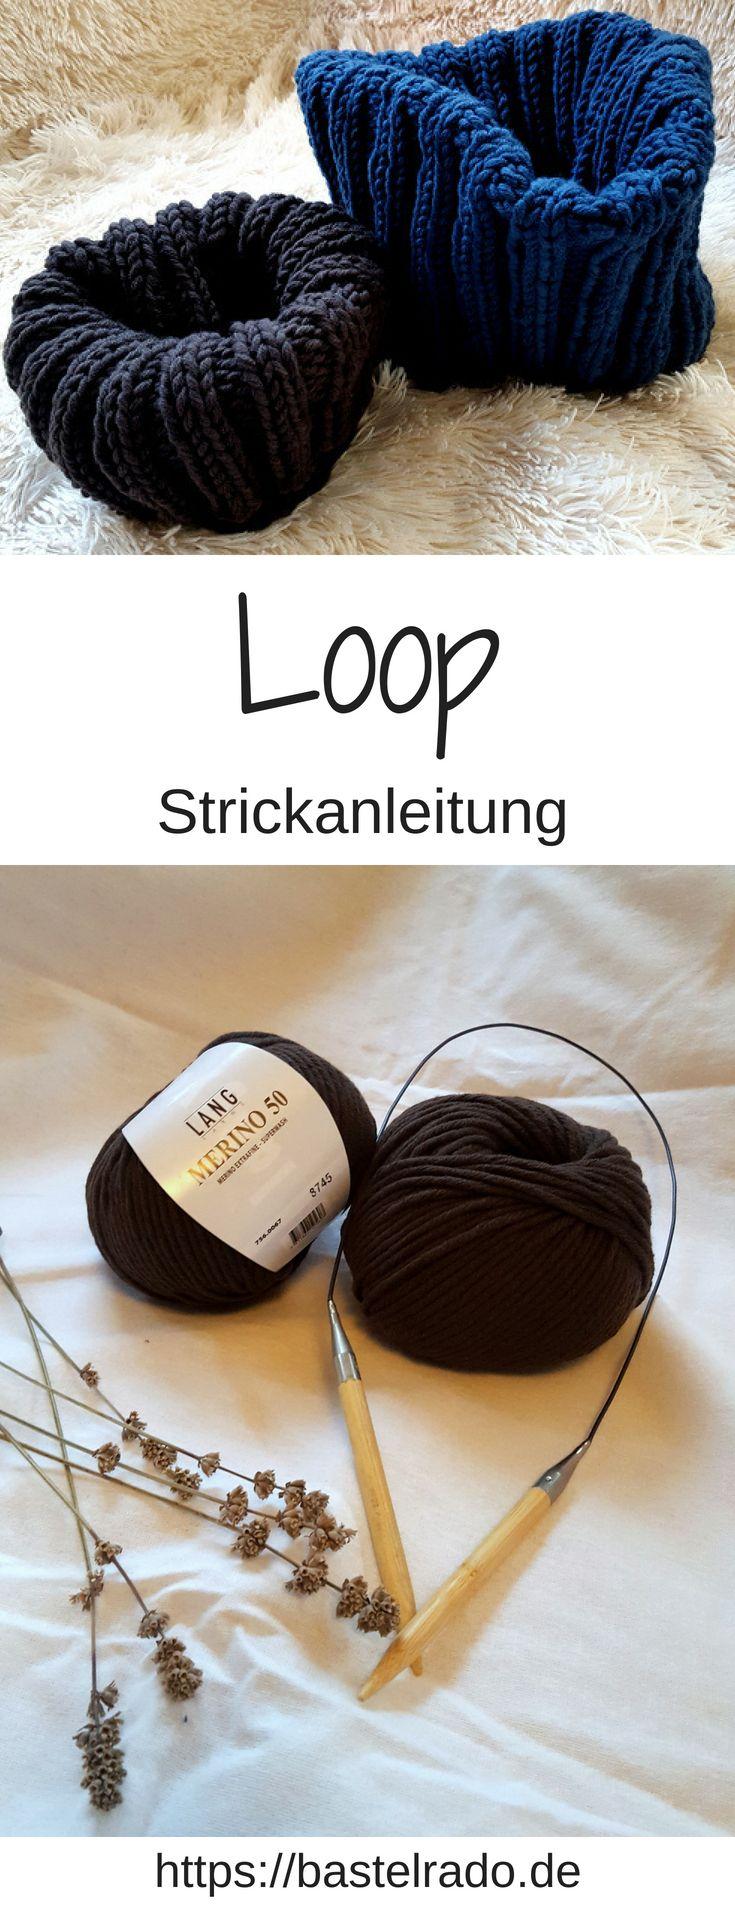 Der Herbst kommt! Stricke dir nen Loop - Anleitung #strickenundhäkeln